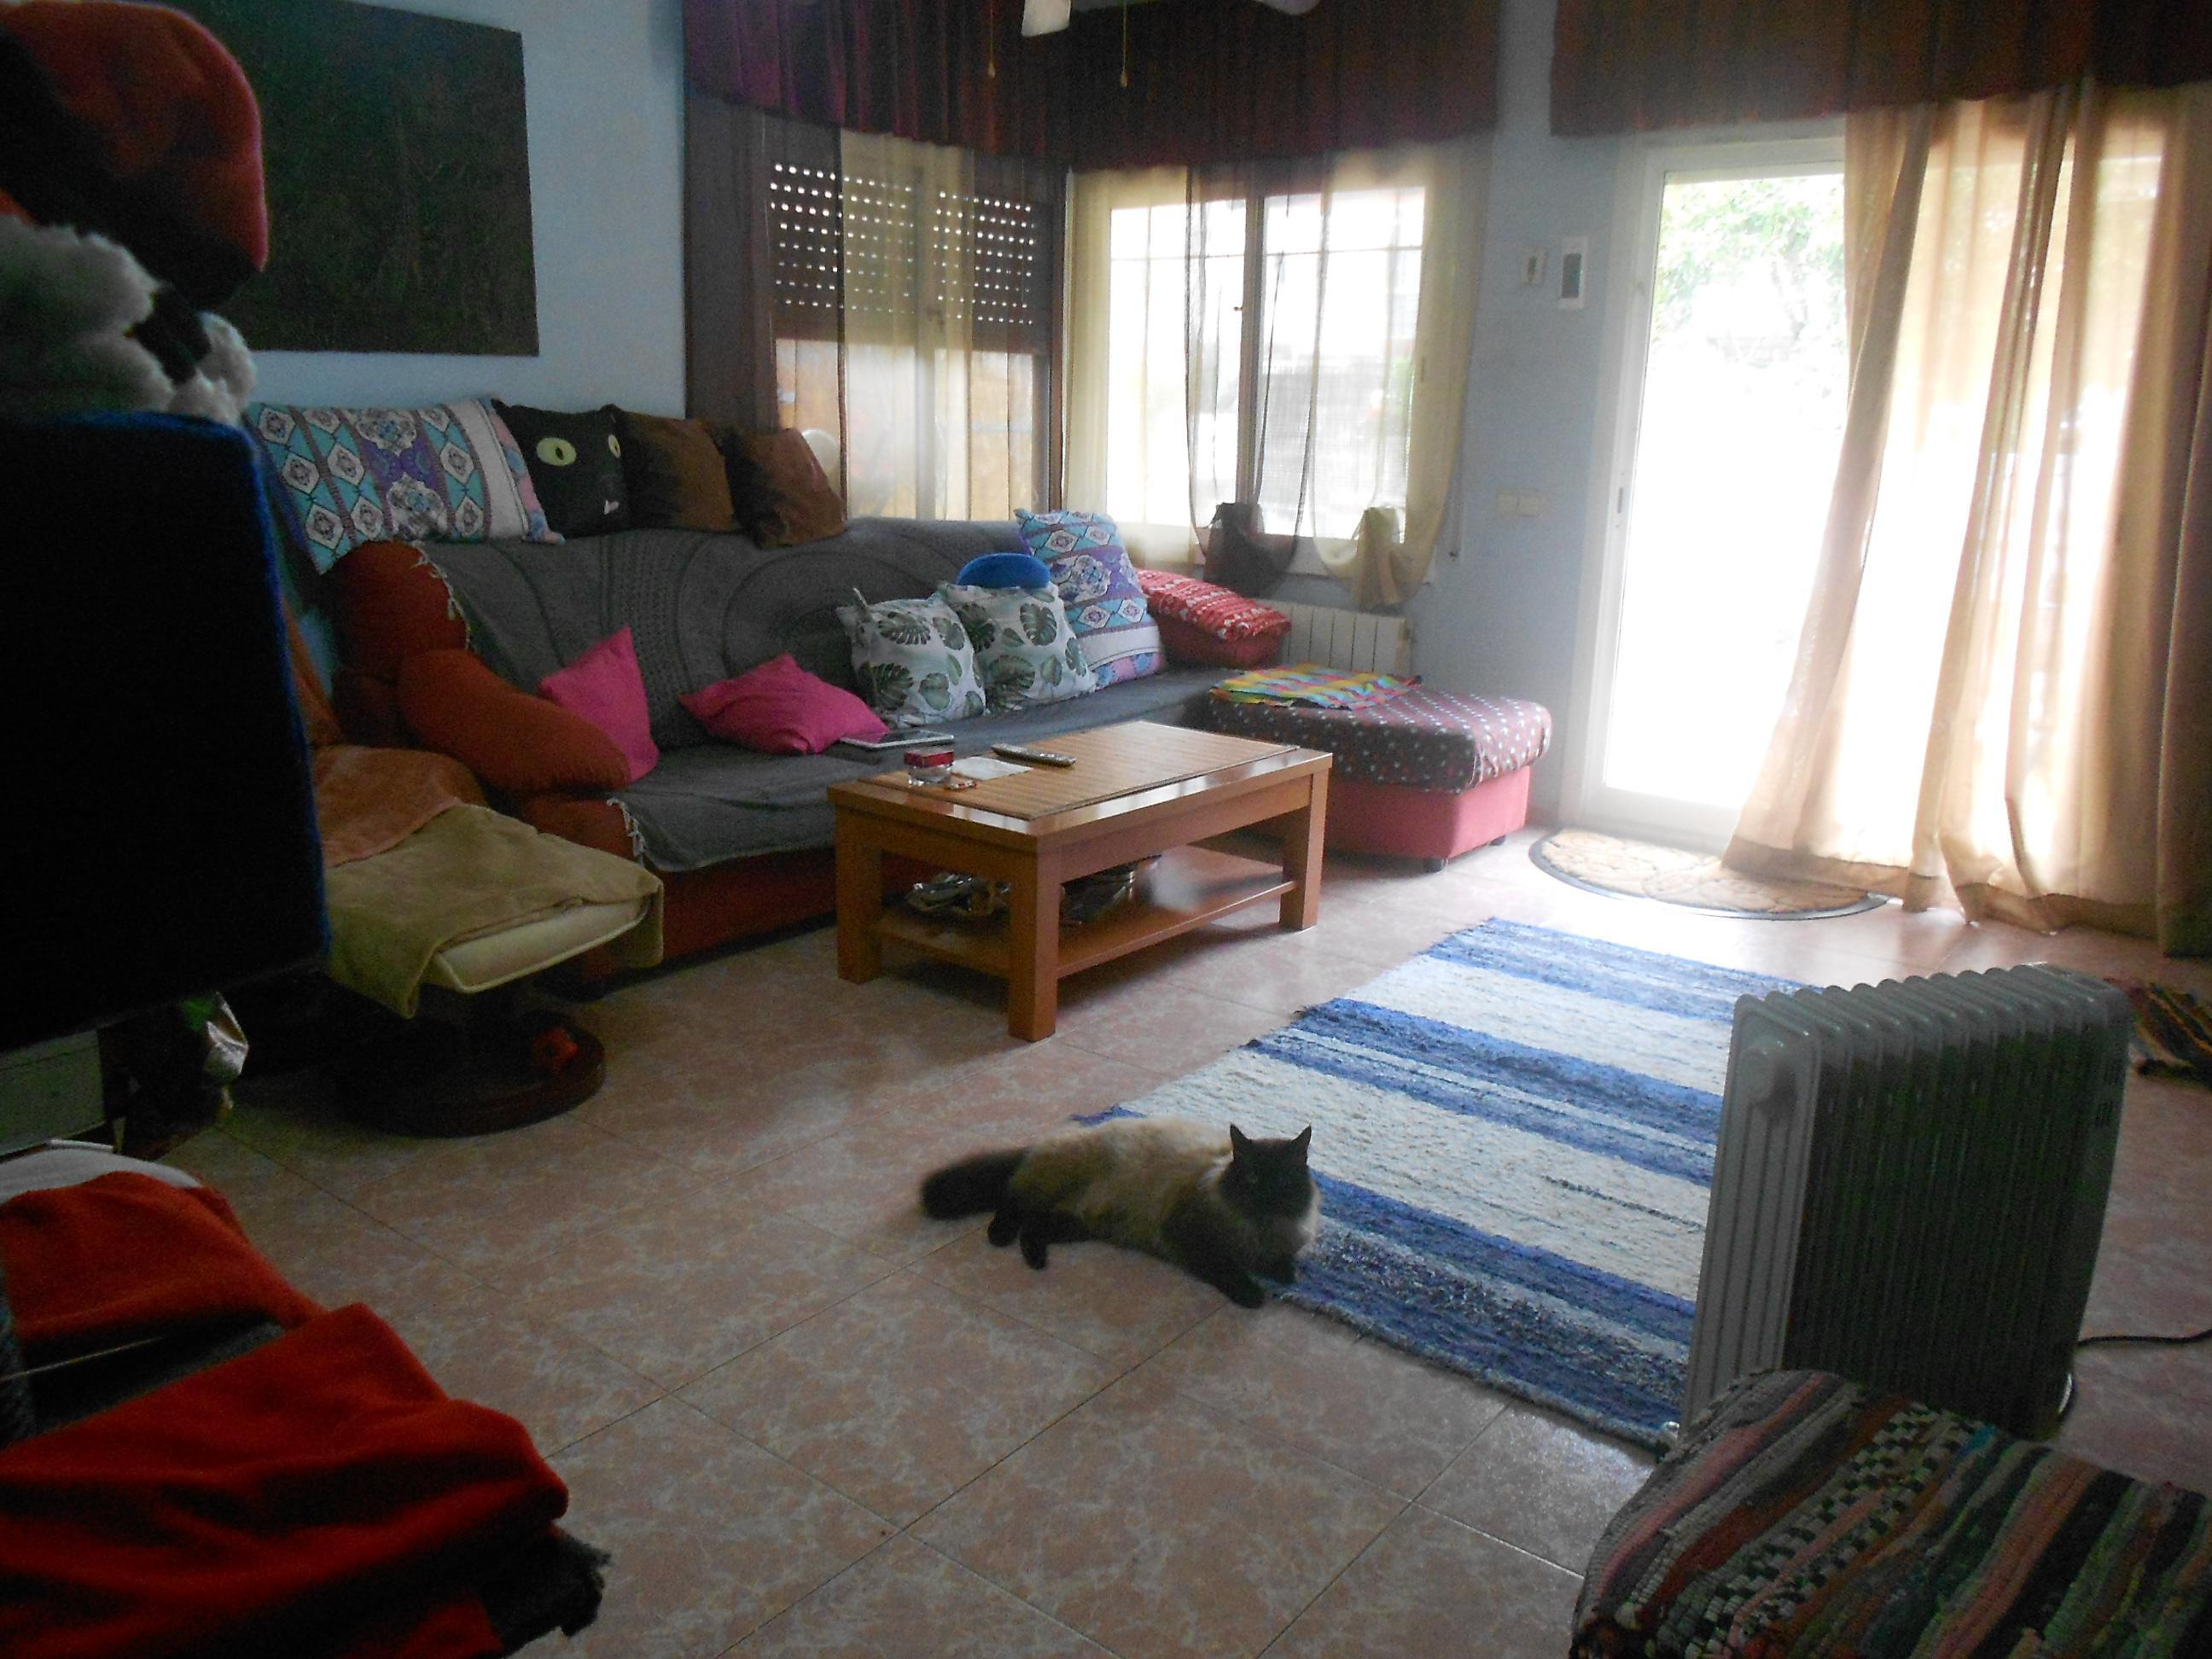 Imagen 3 Casa Adosada en venta en Arenys De Munt / Centro a 1 minuto del ayuntamiento, con garaje